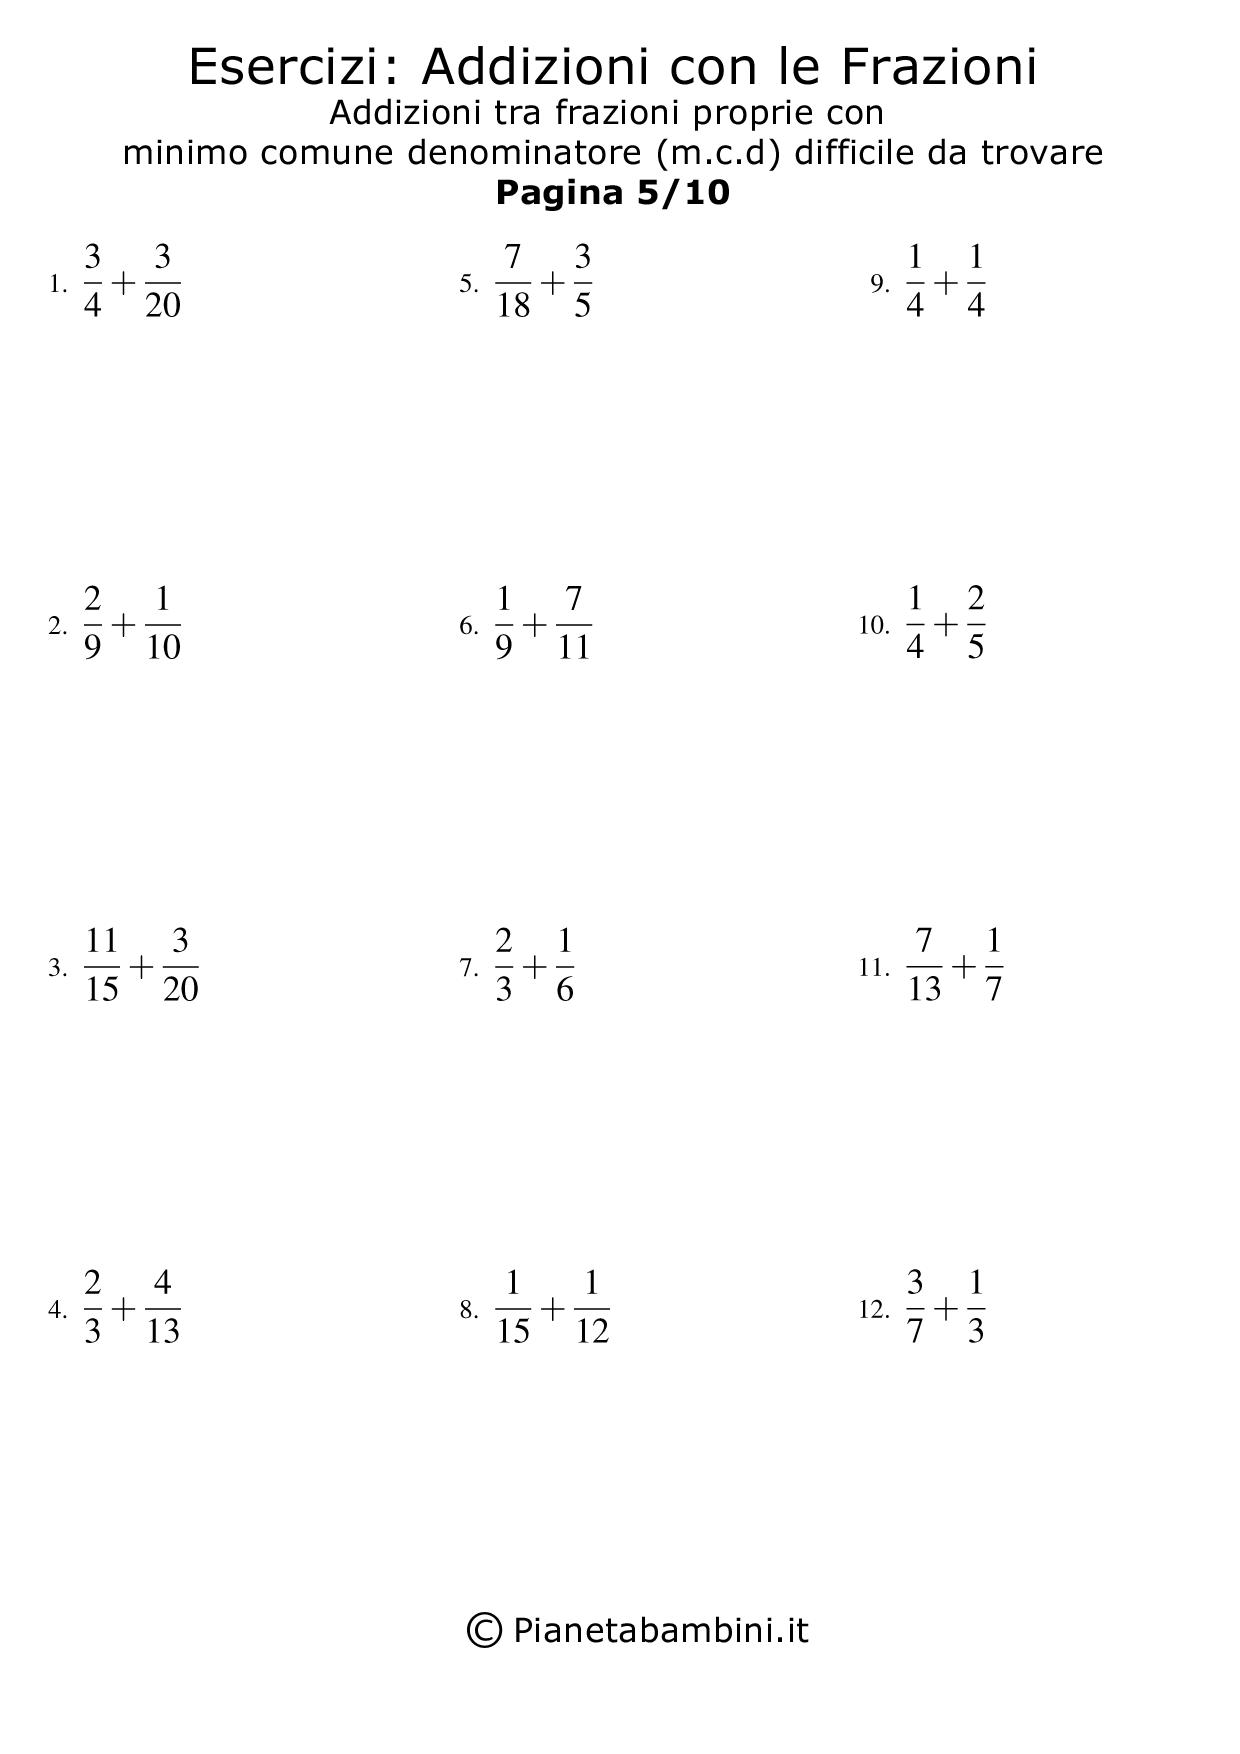 Frazioni-Facili-m.c.d-difficile_05